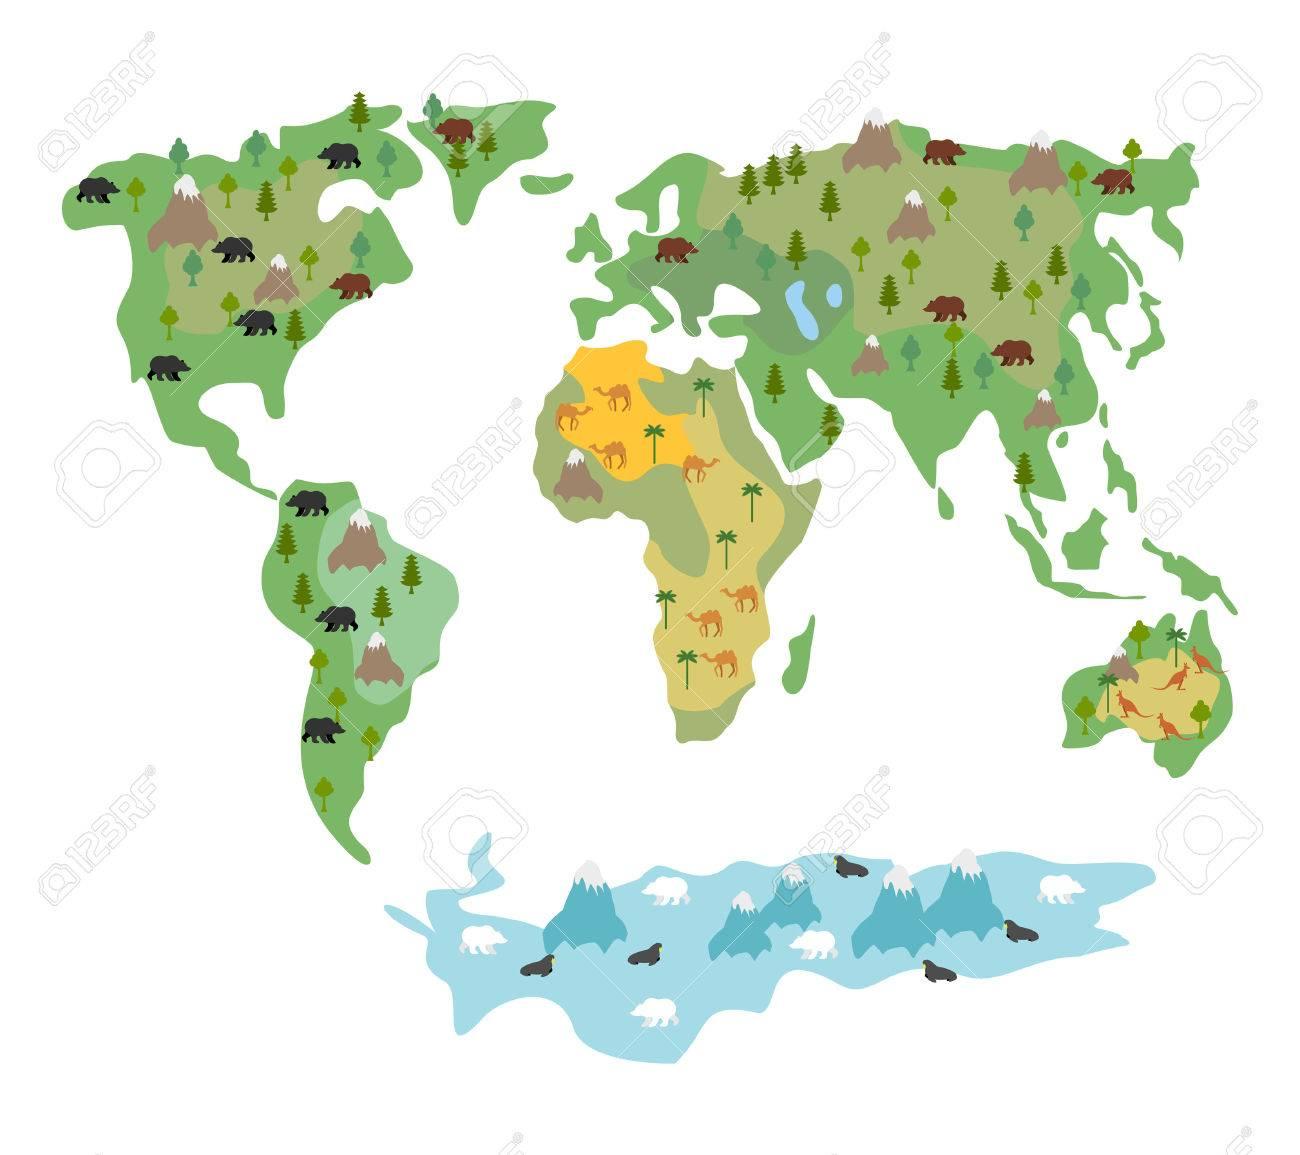 Carte Du Monde Avec Des Animaux Et Des Arbres. Carte Géographique Du Globe  Avec La Flore Et La Faune. Carte Enfants De Bande Dessinée Conditionnelles destiné Carte Du Monde Enfant